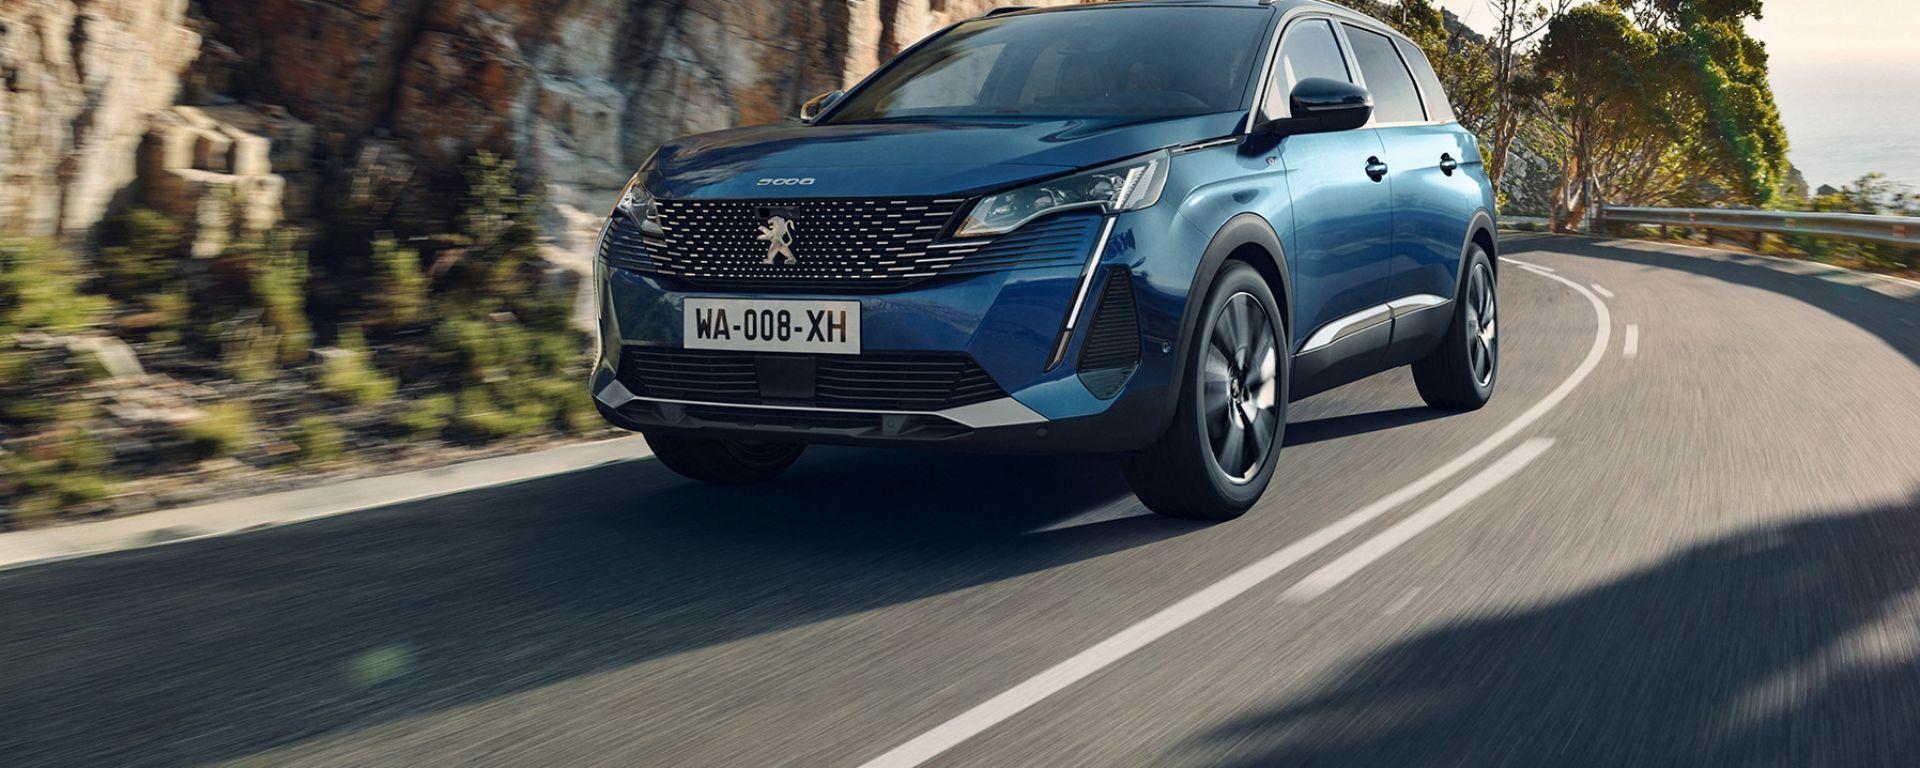 Peugeot 5008:  con i Pack è possibile arricchire la dotazione dell'allestimento standard desiderato